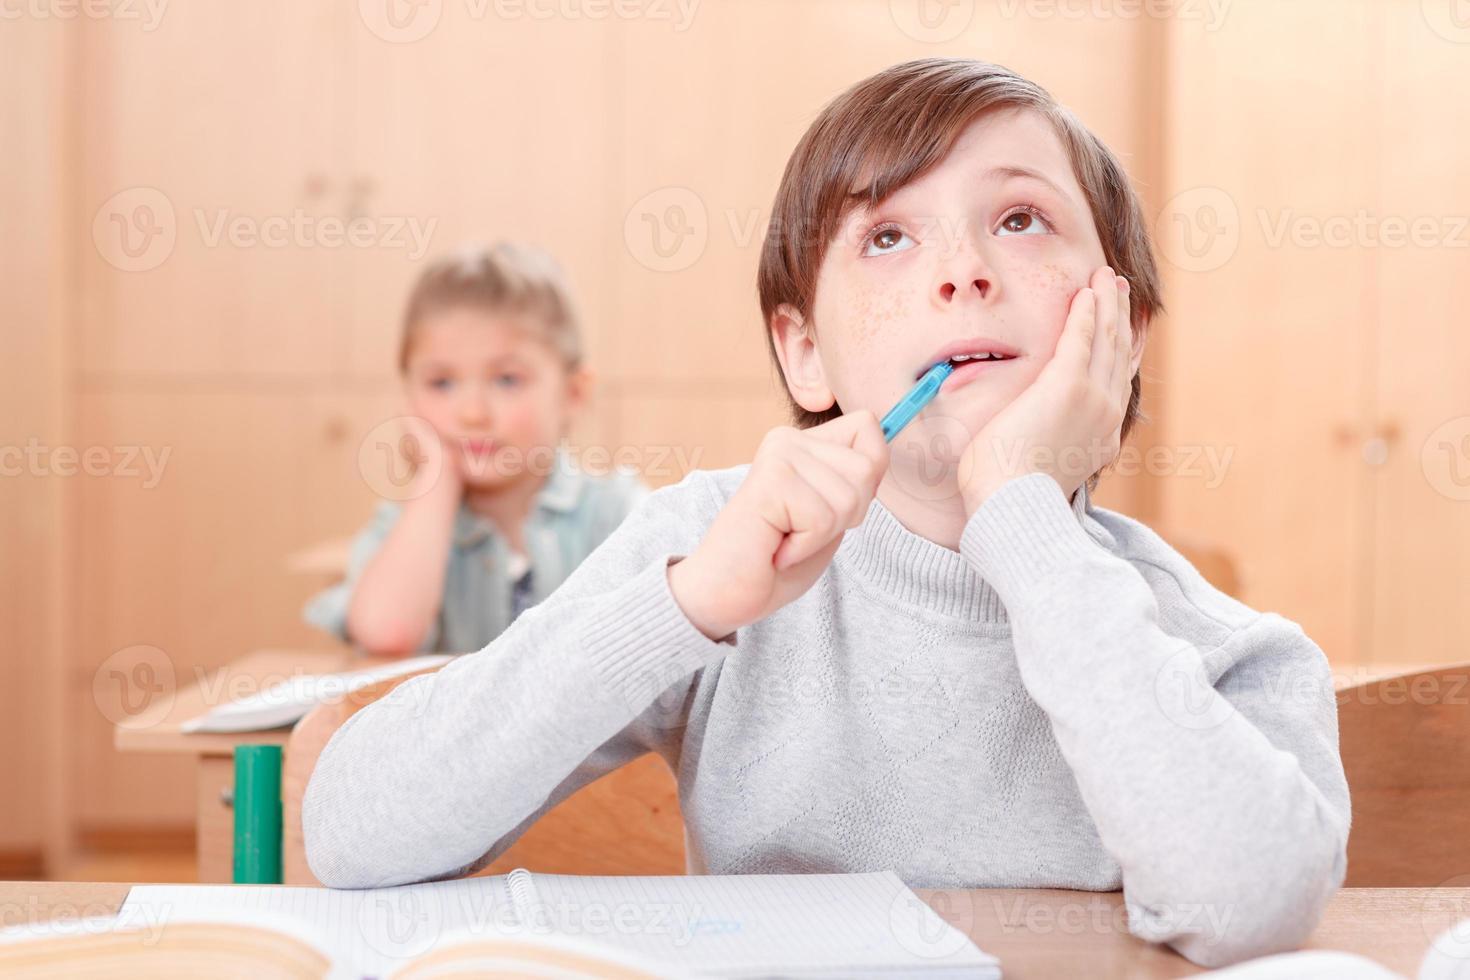 ragazzino premuroso durante le lezioni foto